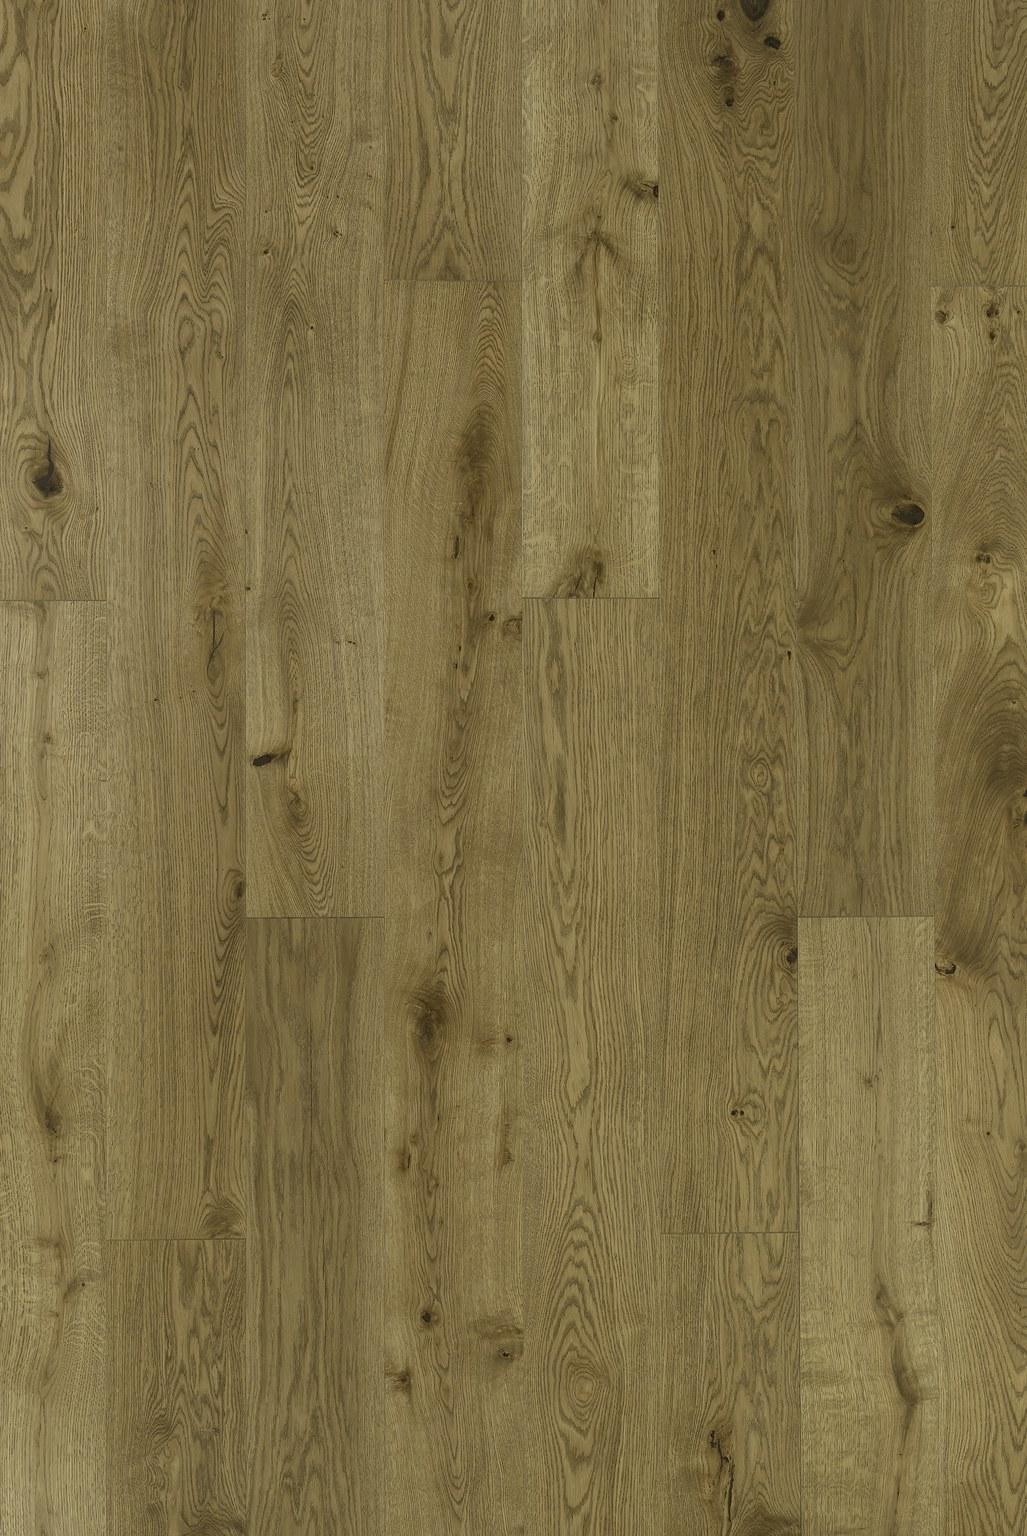 Timberwise Parketti Lankkuparketti Puulattia Wooden Floor Parquet Plank Tammi Oak Vintage Luosto 2D1